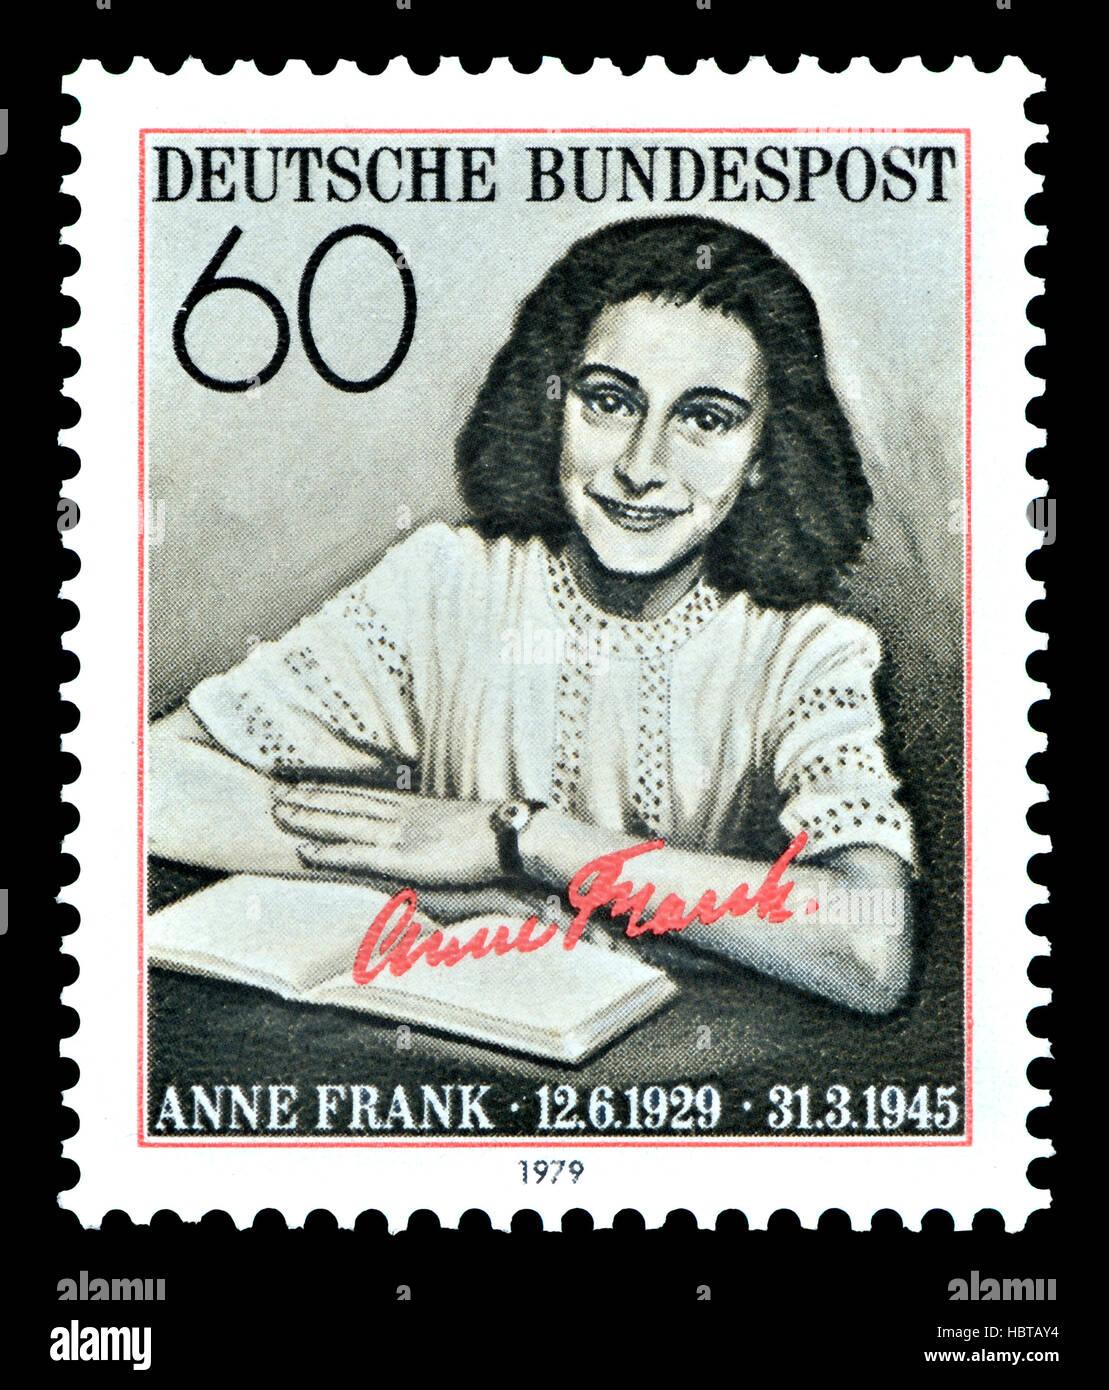 Deutsche Briefmarke (1979): Annelies Marie Frank (1929-1945) deutsch-stämmige Tagebuchschreiberin (1929-1945) jüdische Stockfoto